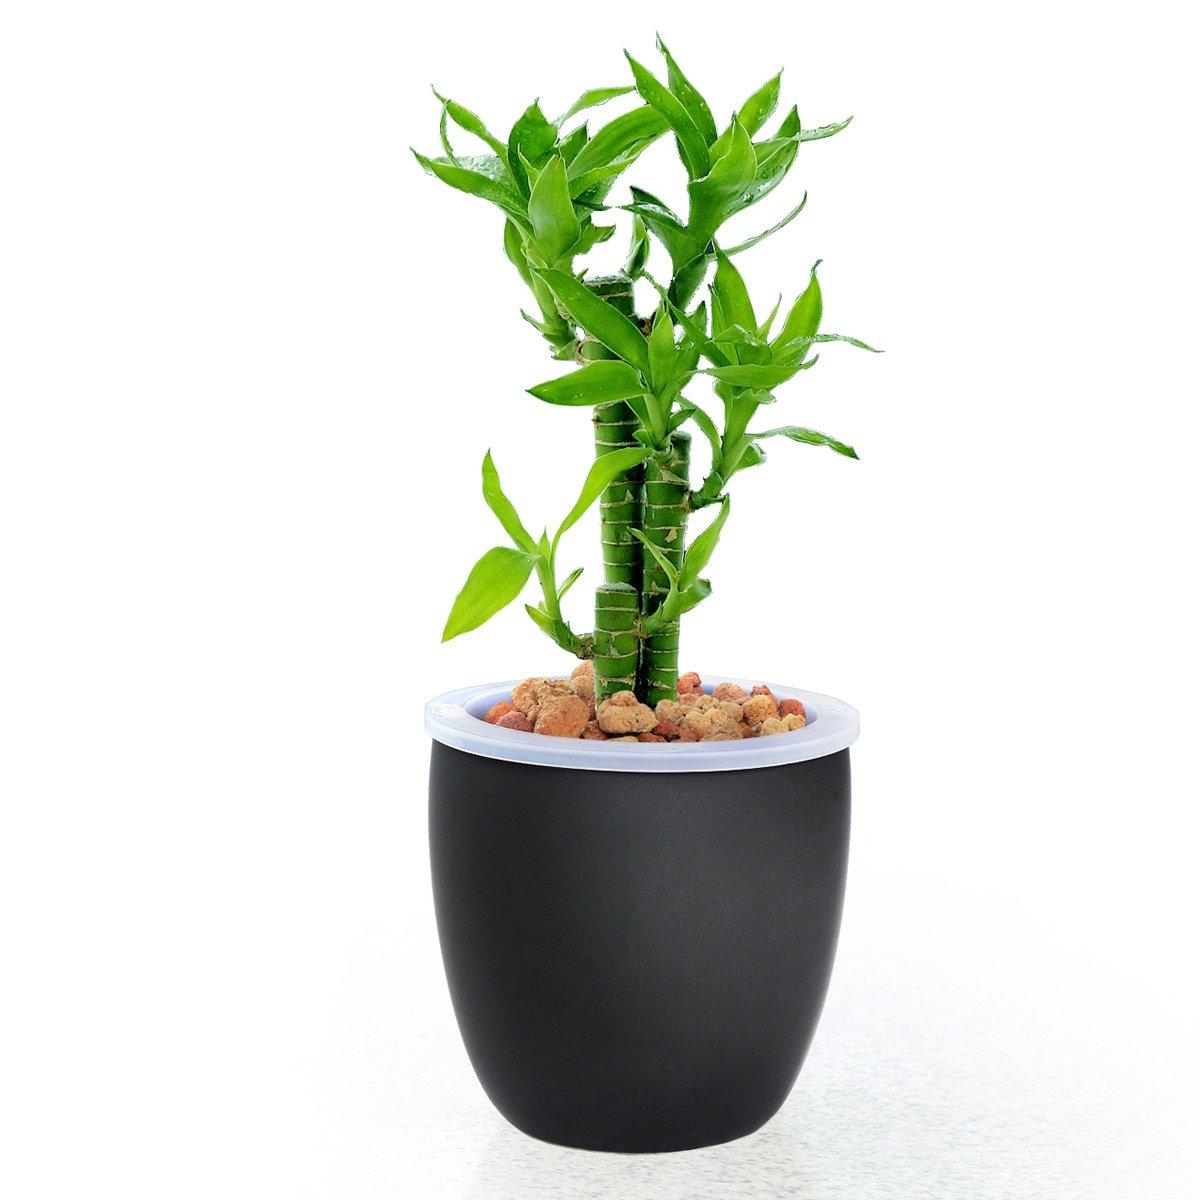 【花清枫】如水荷花富贵竹盆栽,容易养,好成活 寓意花开富贵 水养植物图片